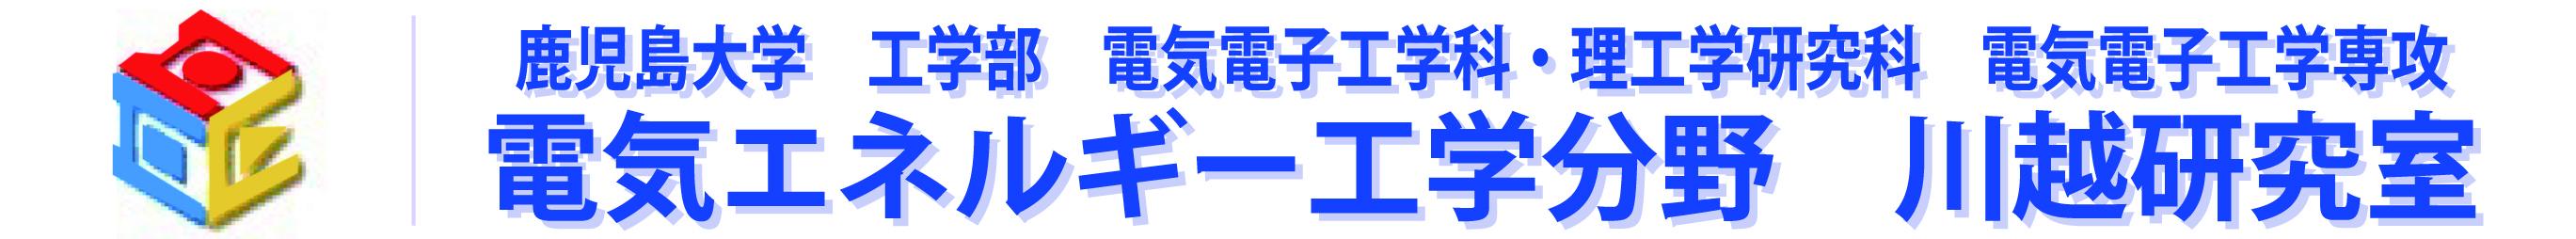 鹿児島大学 工学部 電気電子工学科 電気エネルギー工学分野 住吉研究グループ